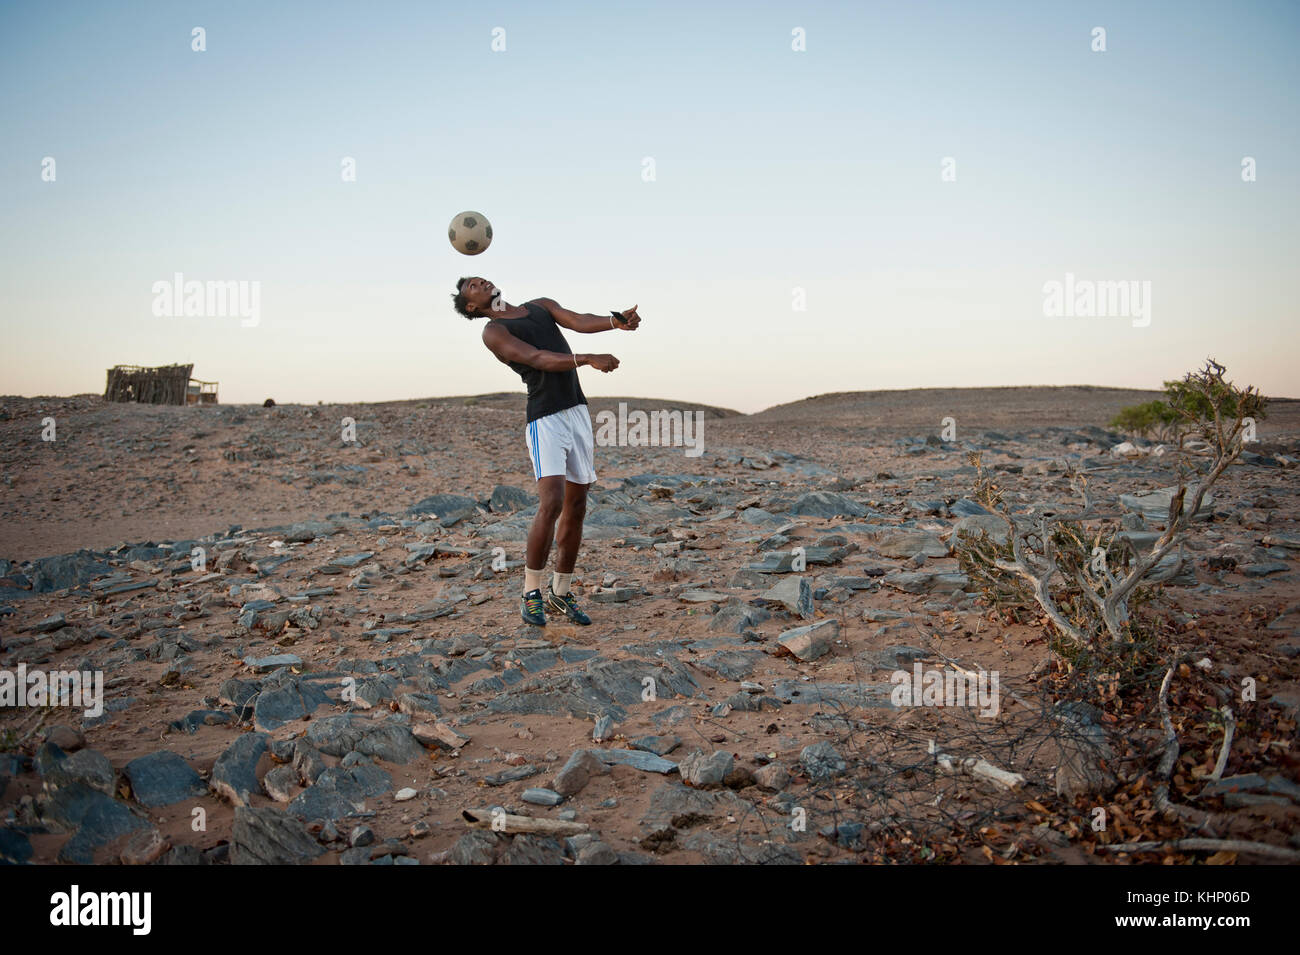 Damaraland, Namibie. Mars 2013. Stock Photo